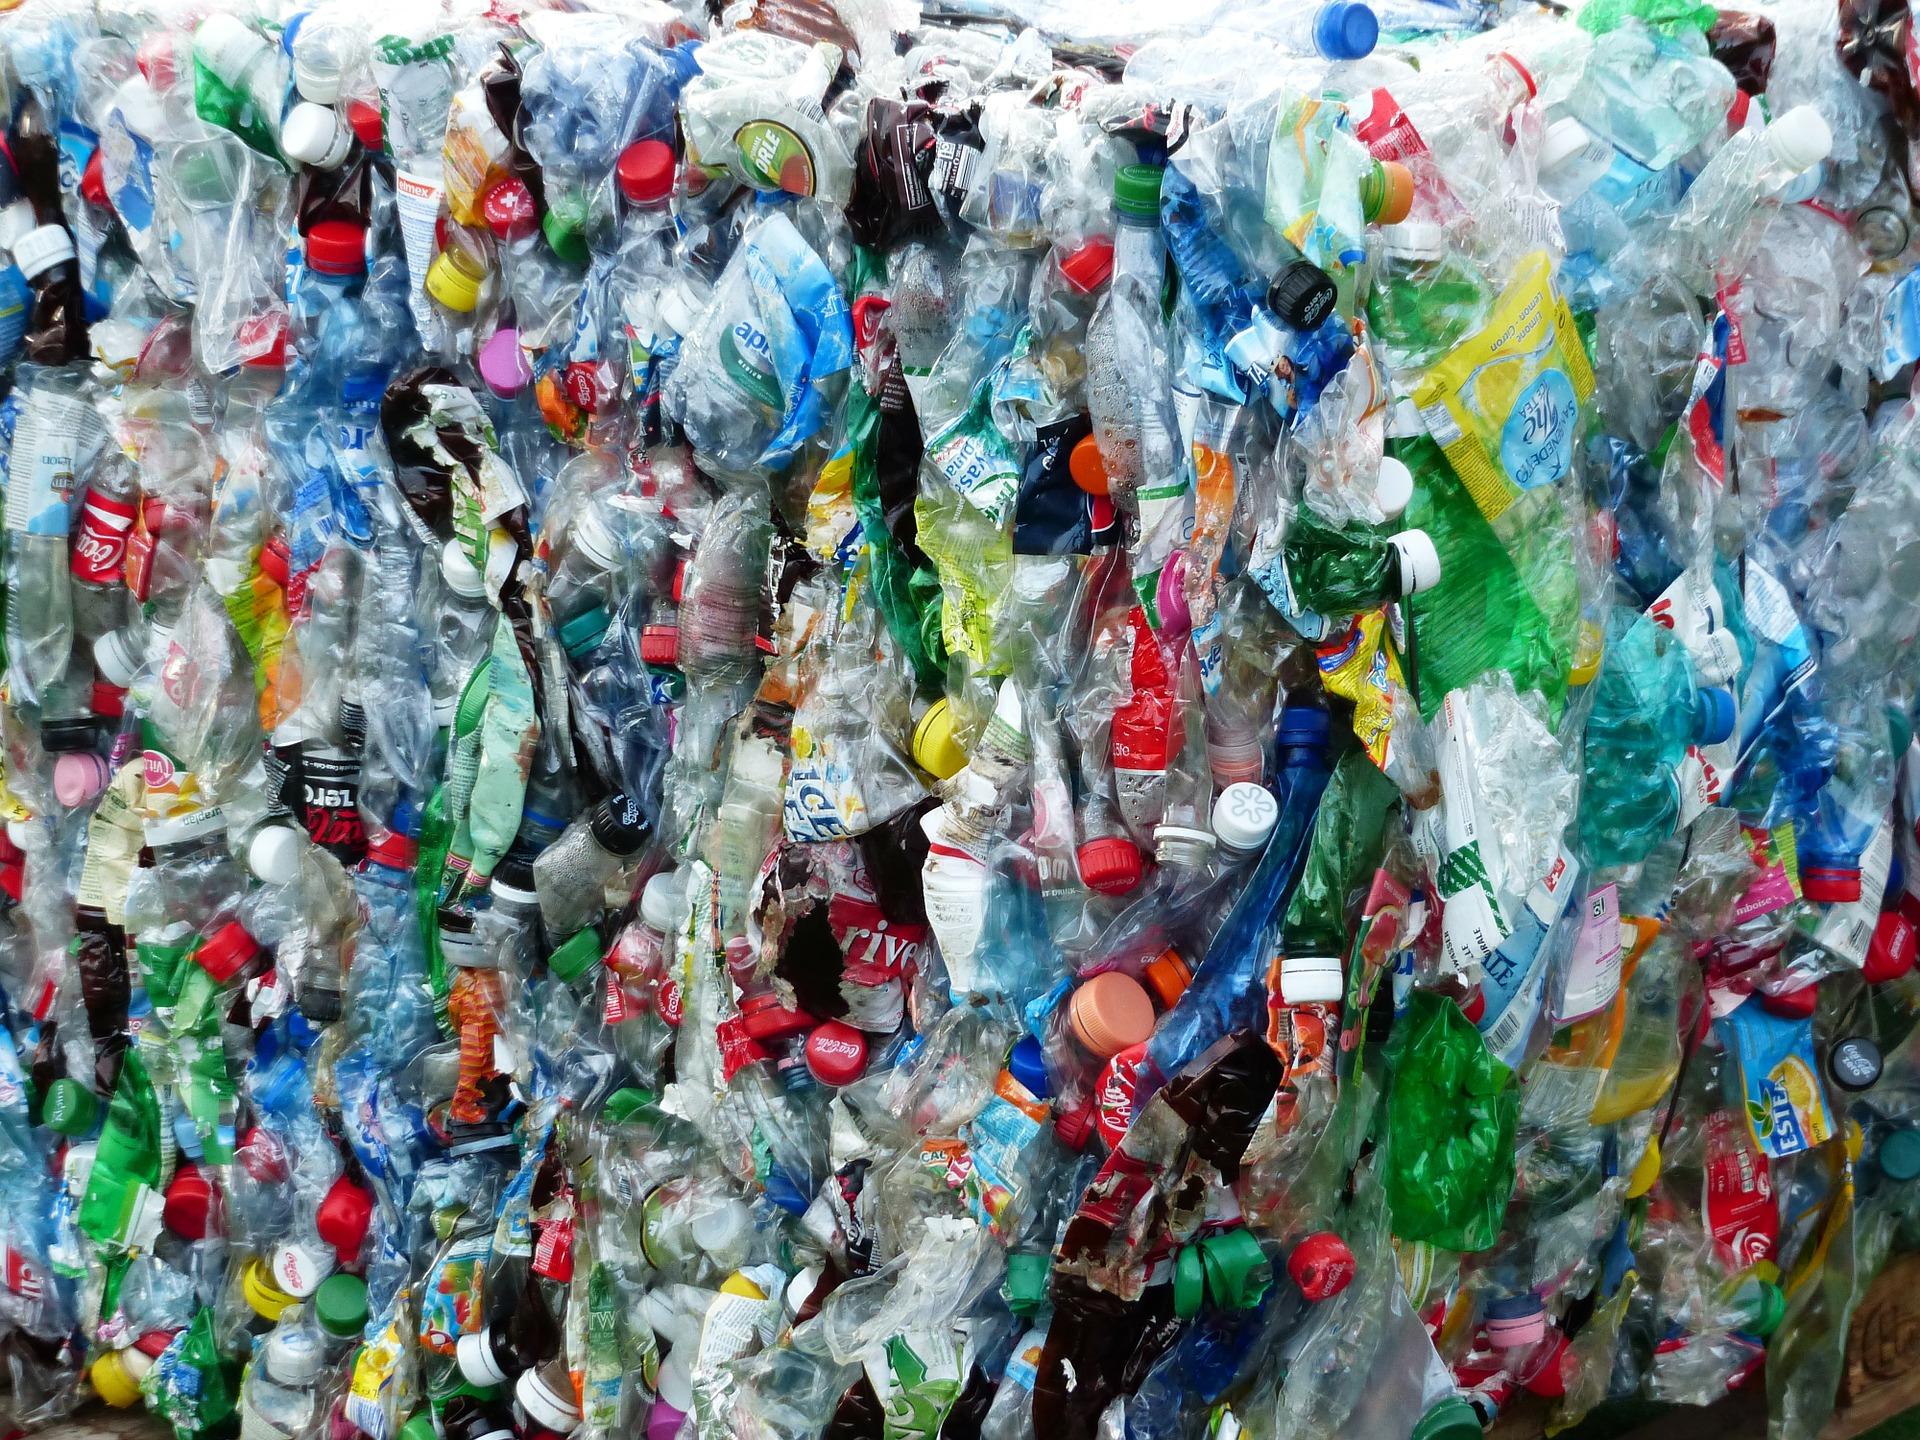 plastic-bottles-115082_1920.jpg